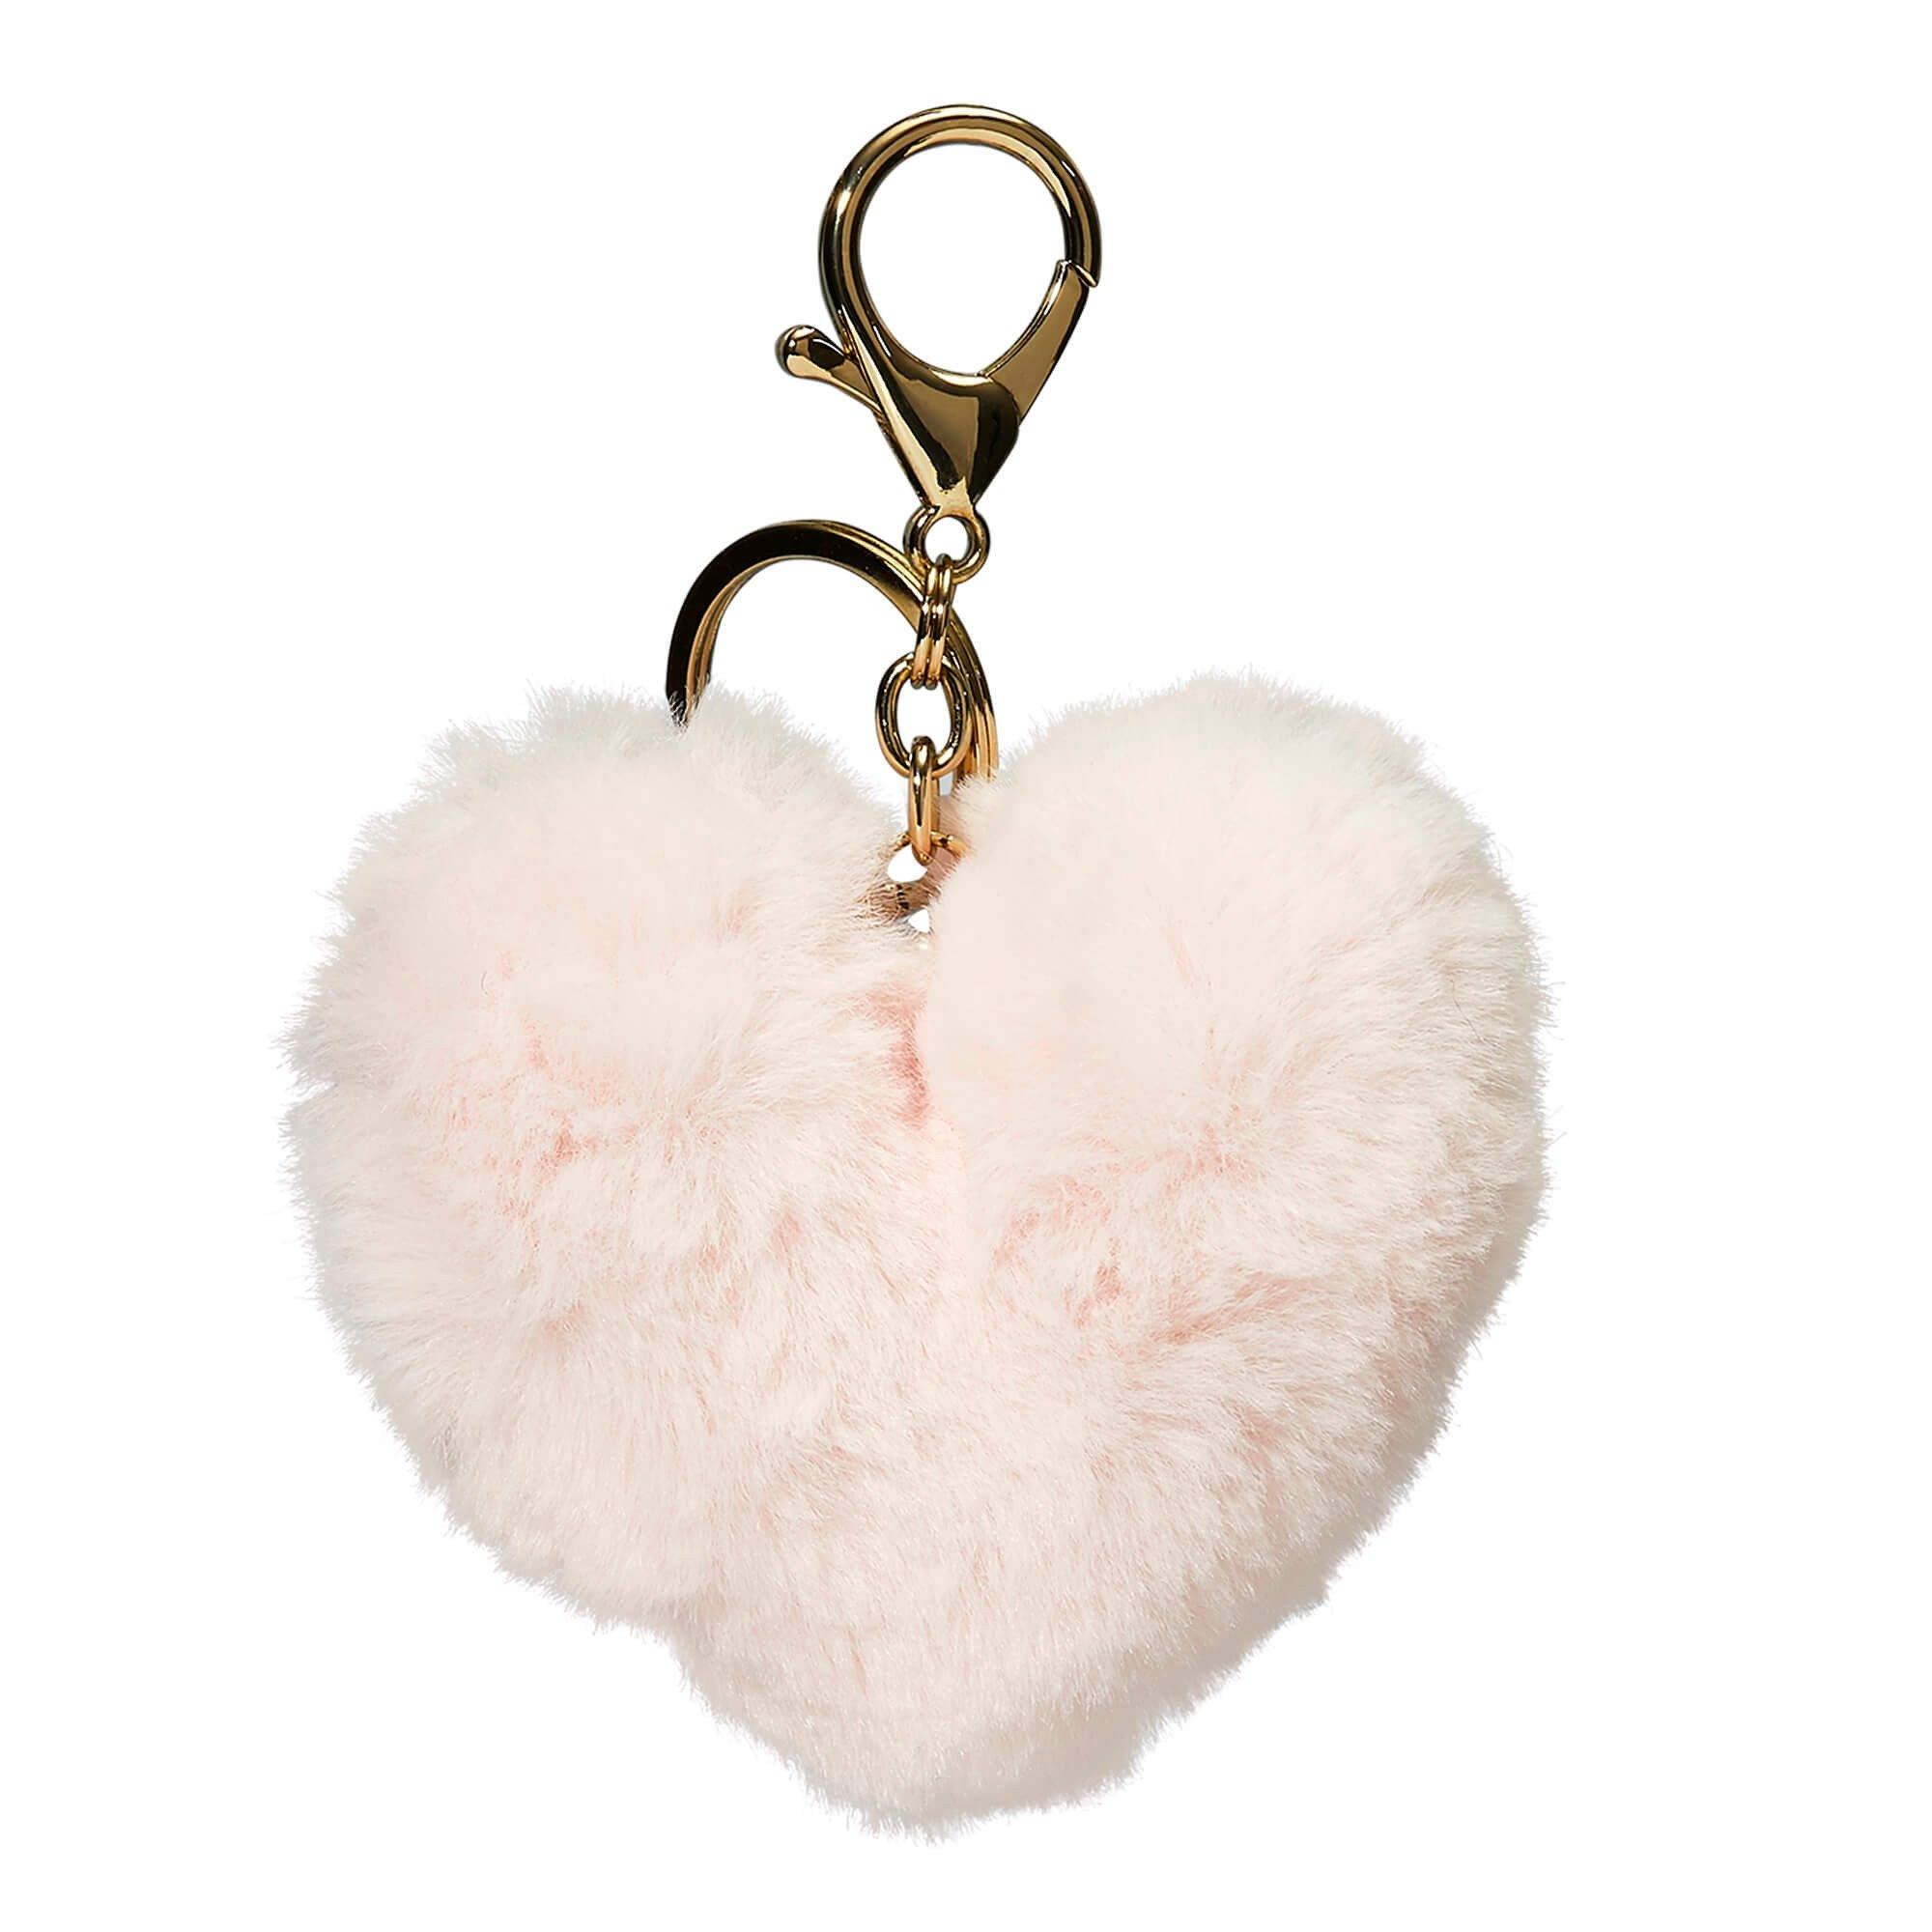 Porte-clés peluche coeur rose